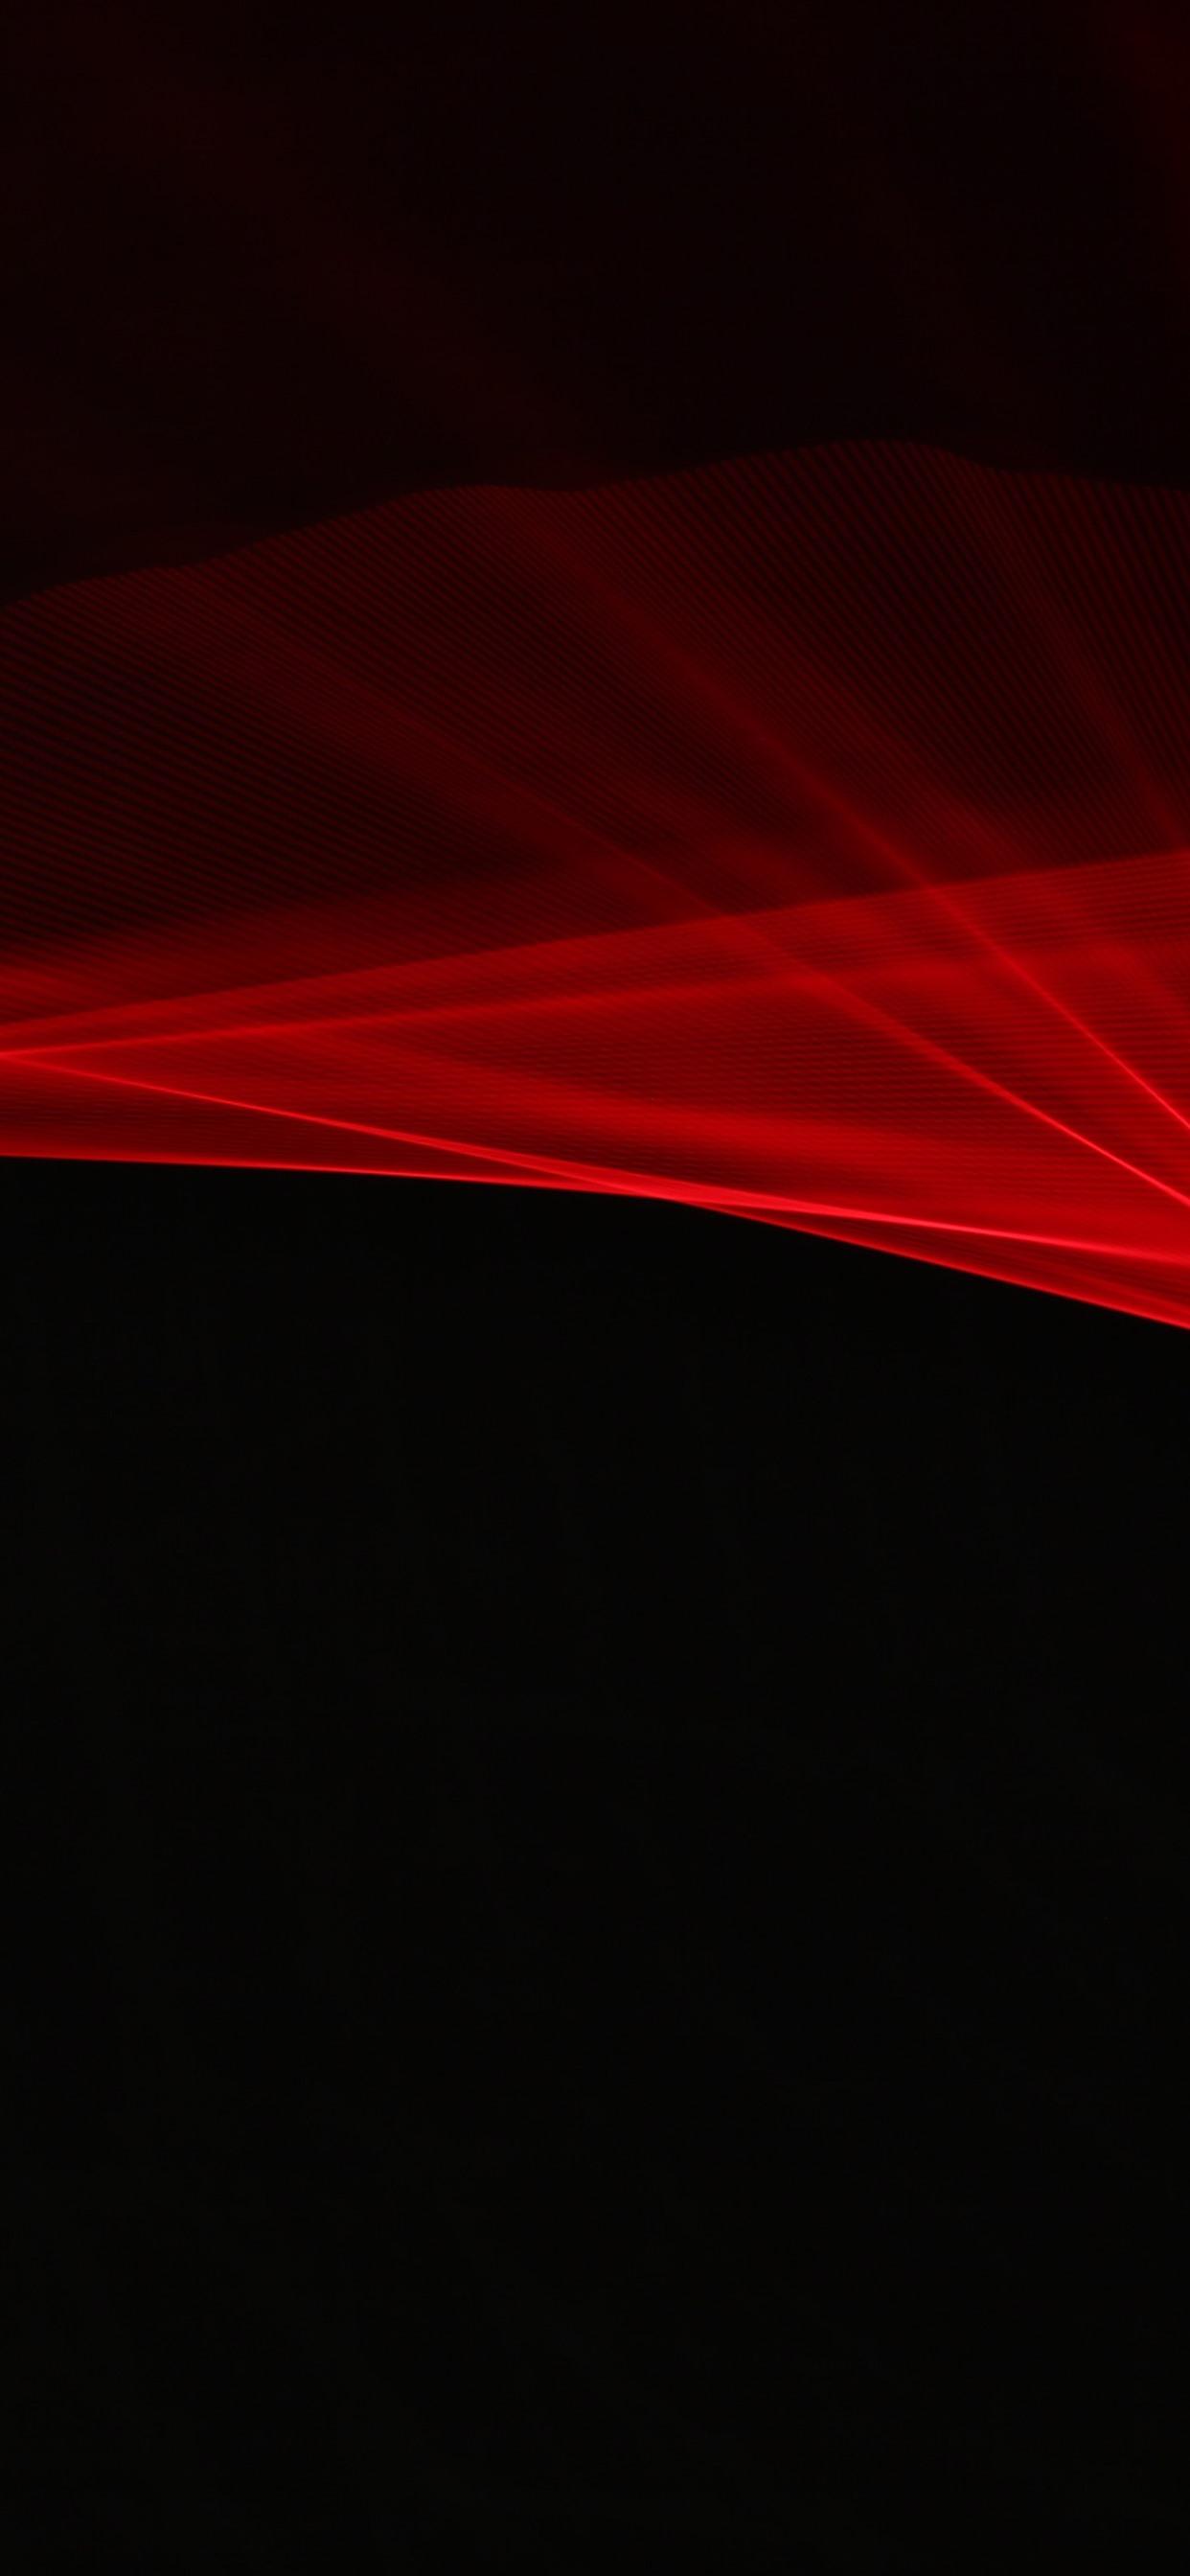 壁紙 赤い光線 抽象的な黒の背景 3840x2160 Uhd 4k 無料の